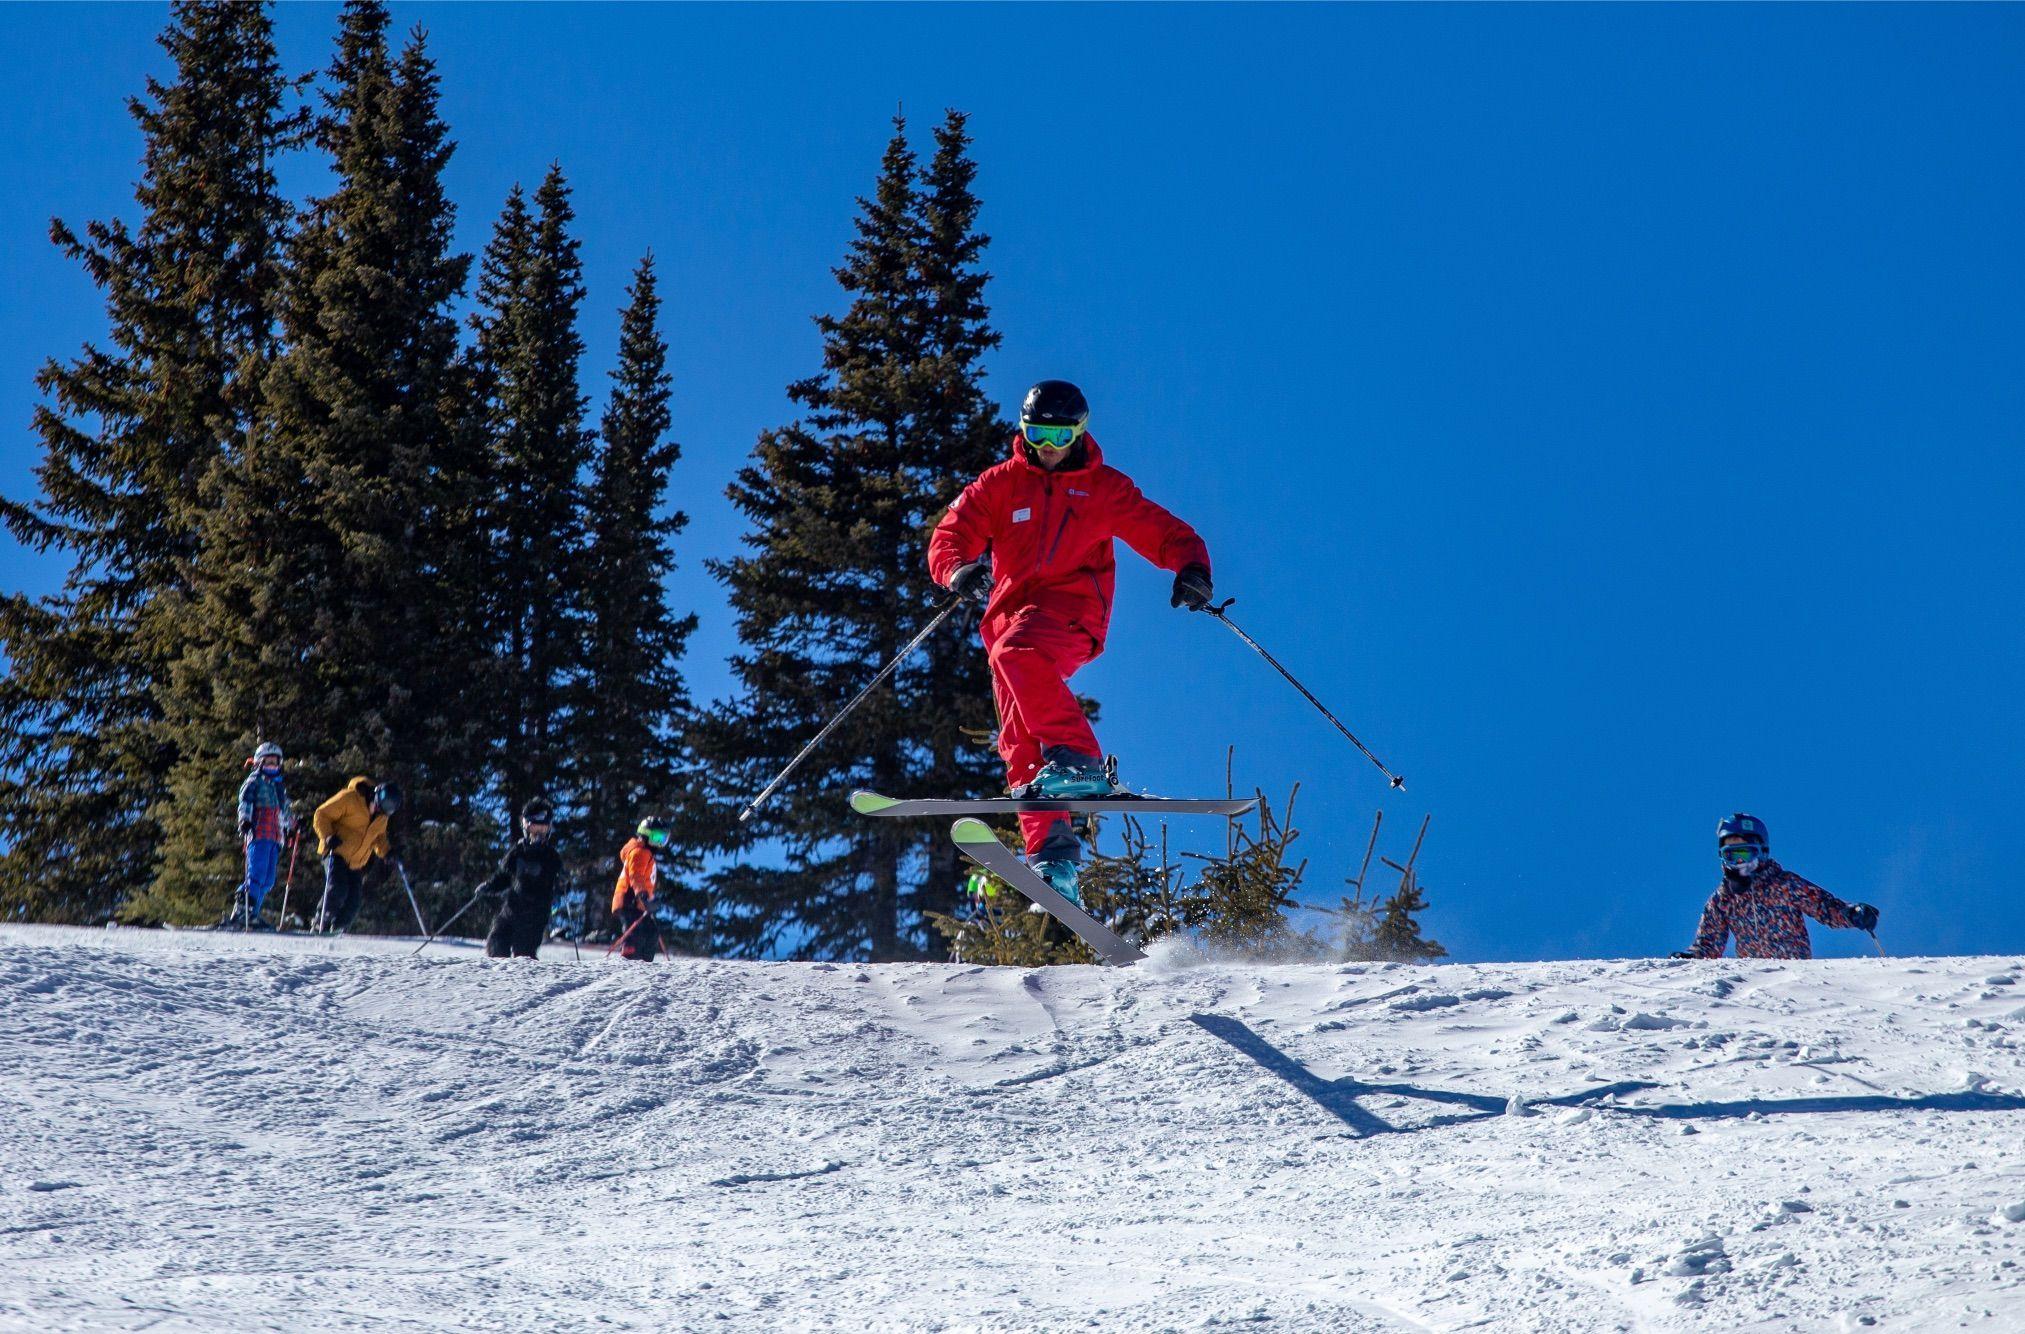 Copper Mountain Ski Ride School Colorado Ski Resort Learn To Ski Learn To Ride Ski Lessons Ski Learning P Copper Mountain Ski Skiing Lessons Mountains